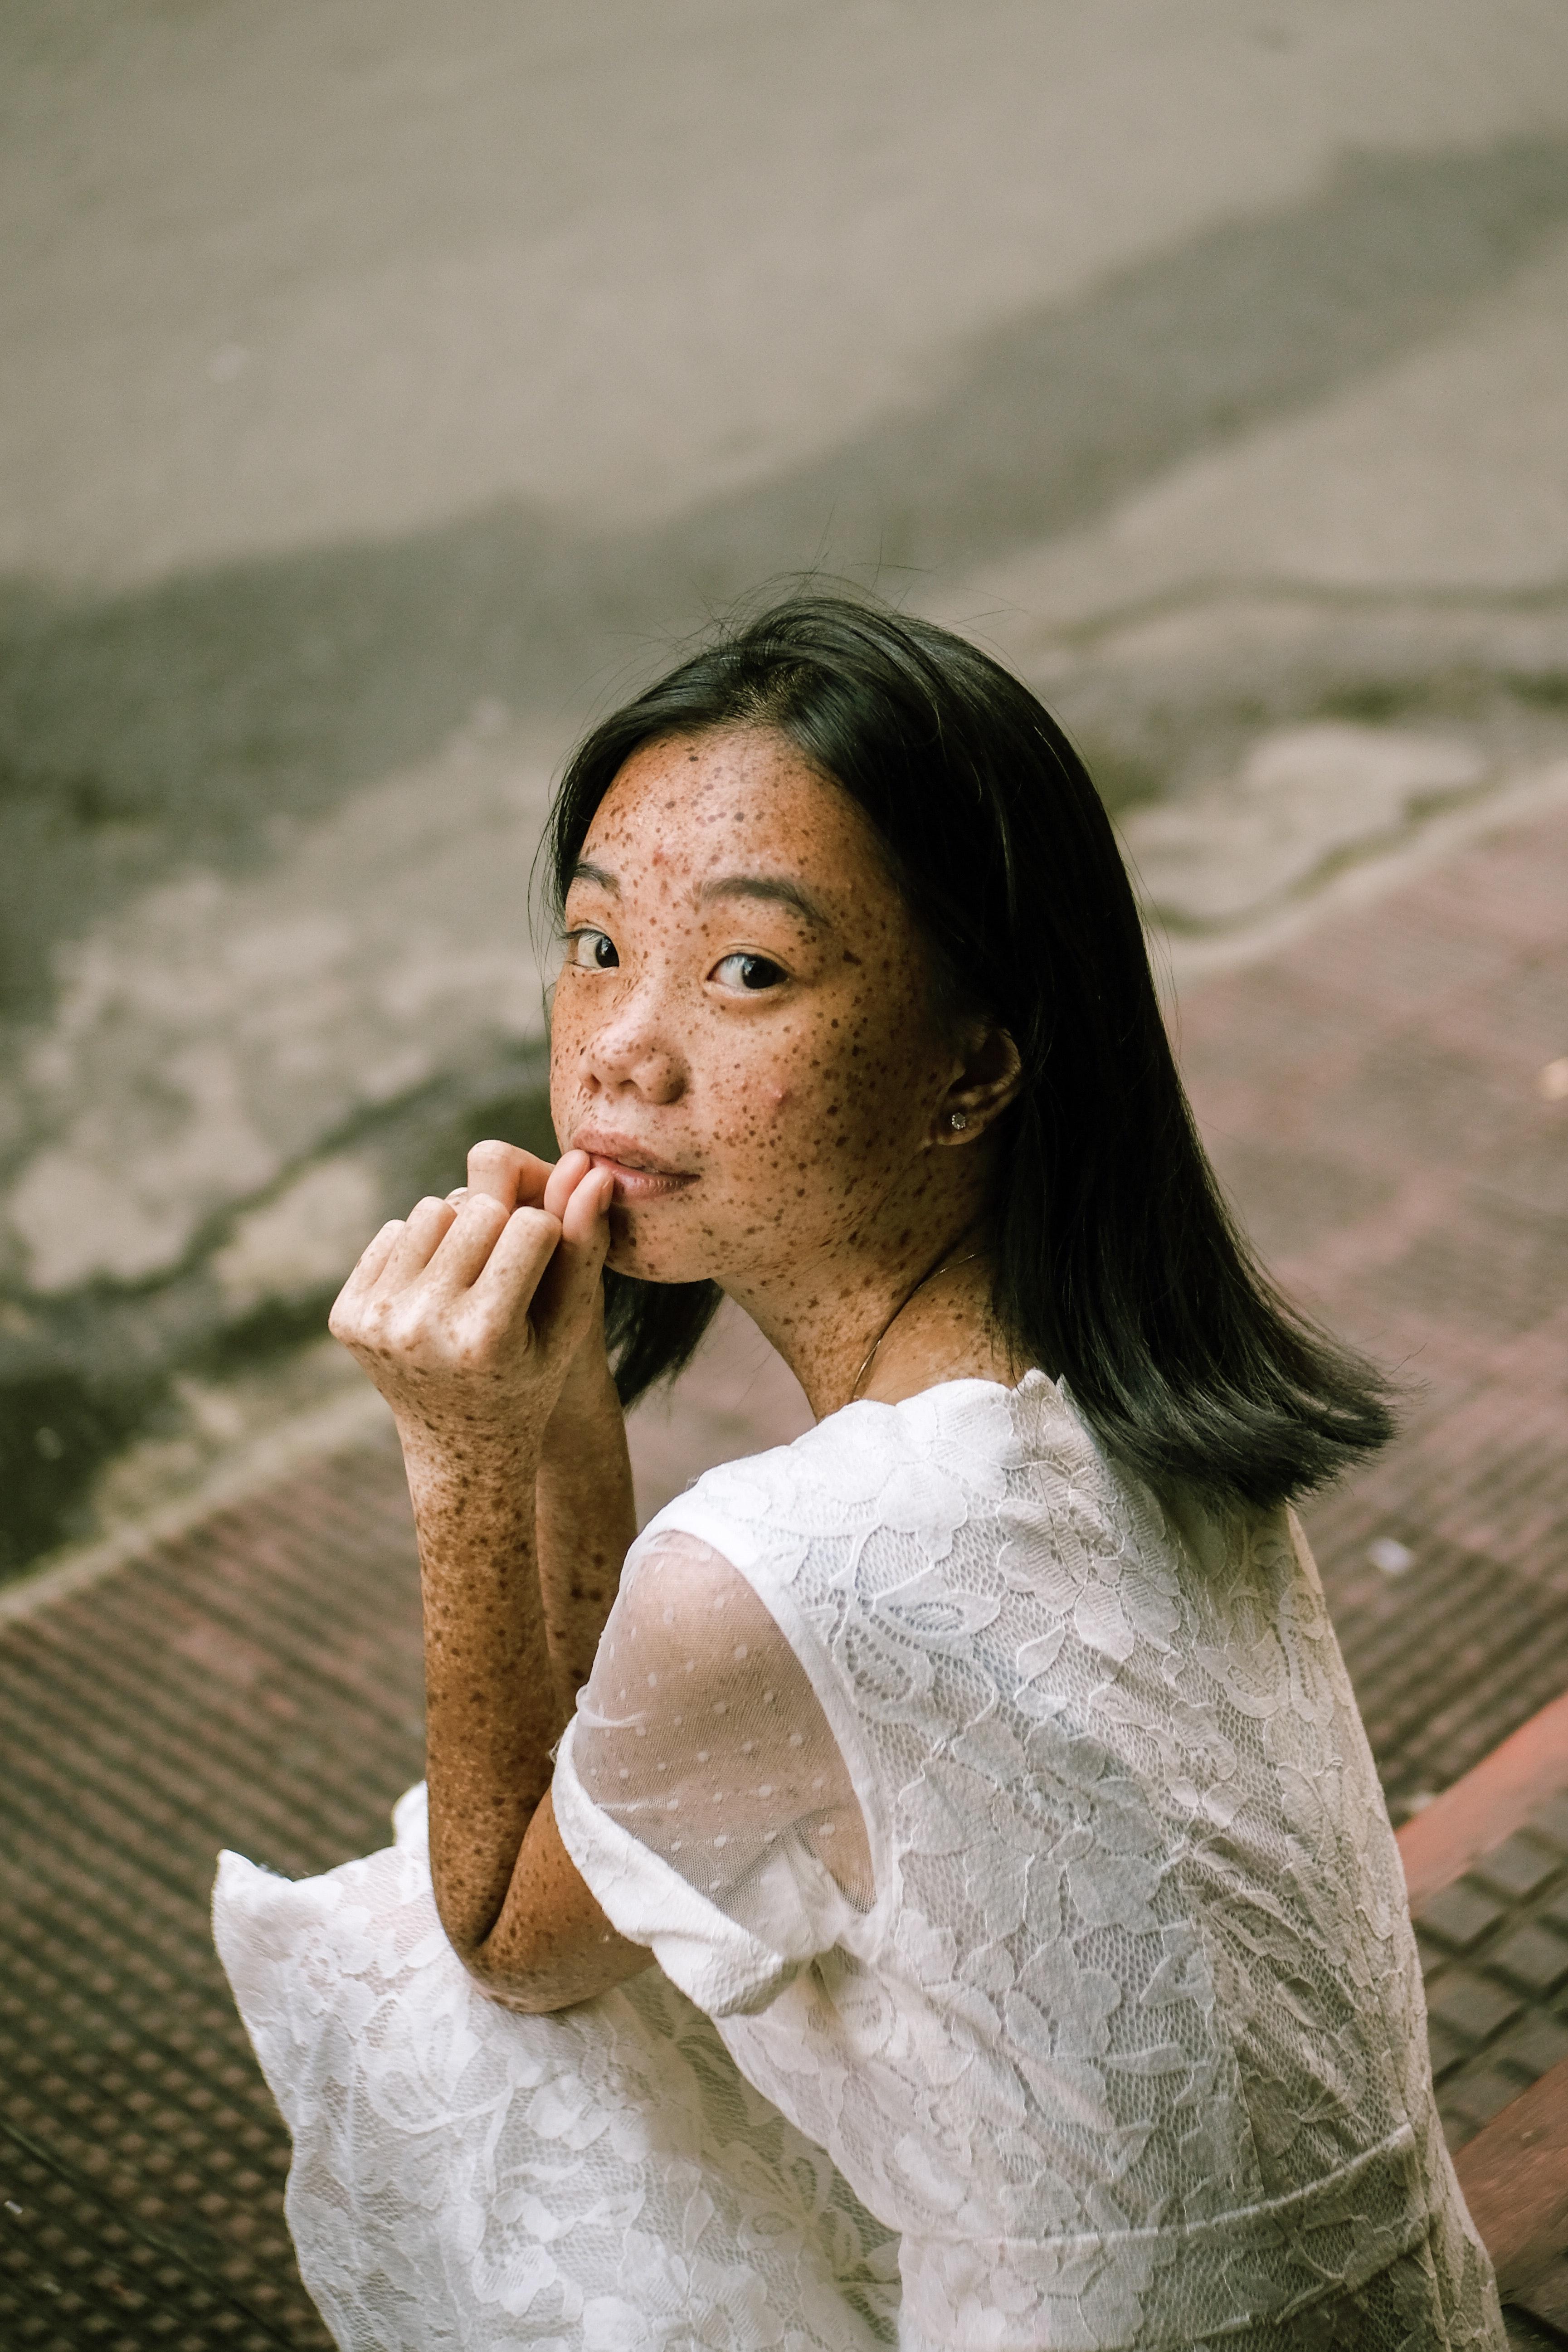 woman-sits-on-pavement-2709385